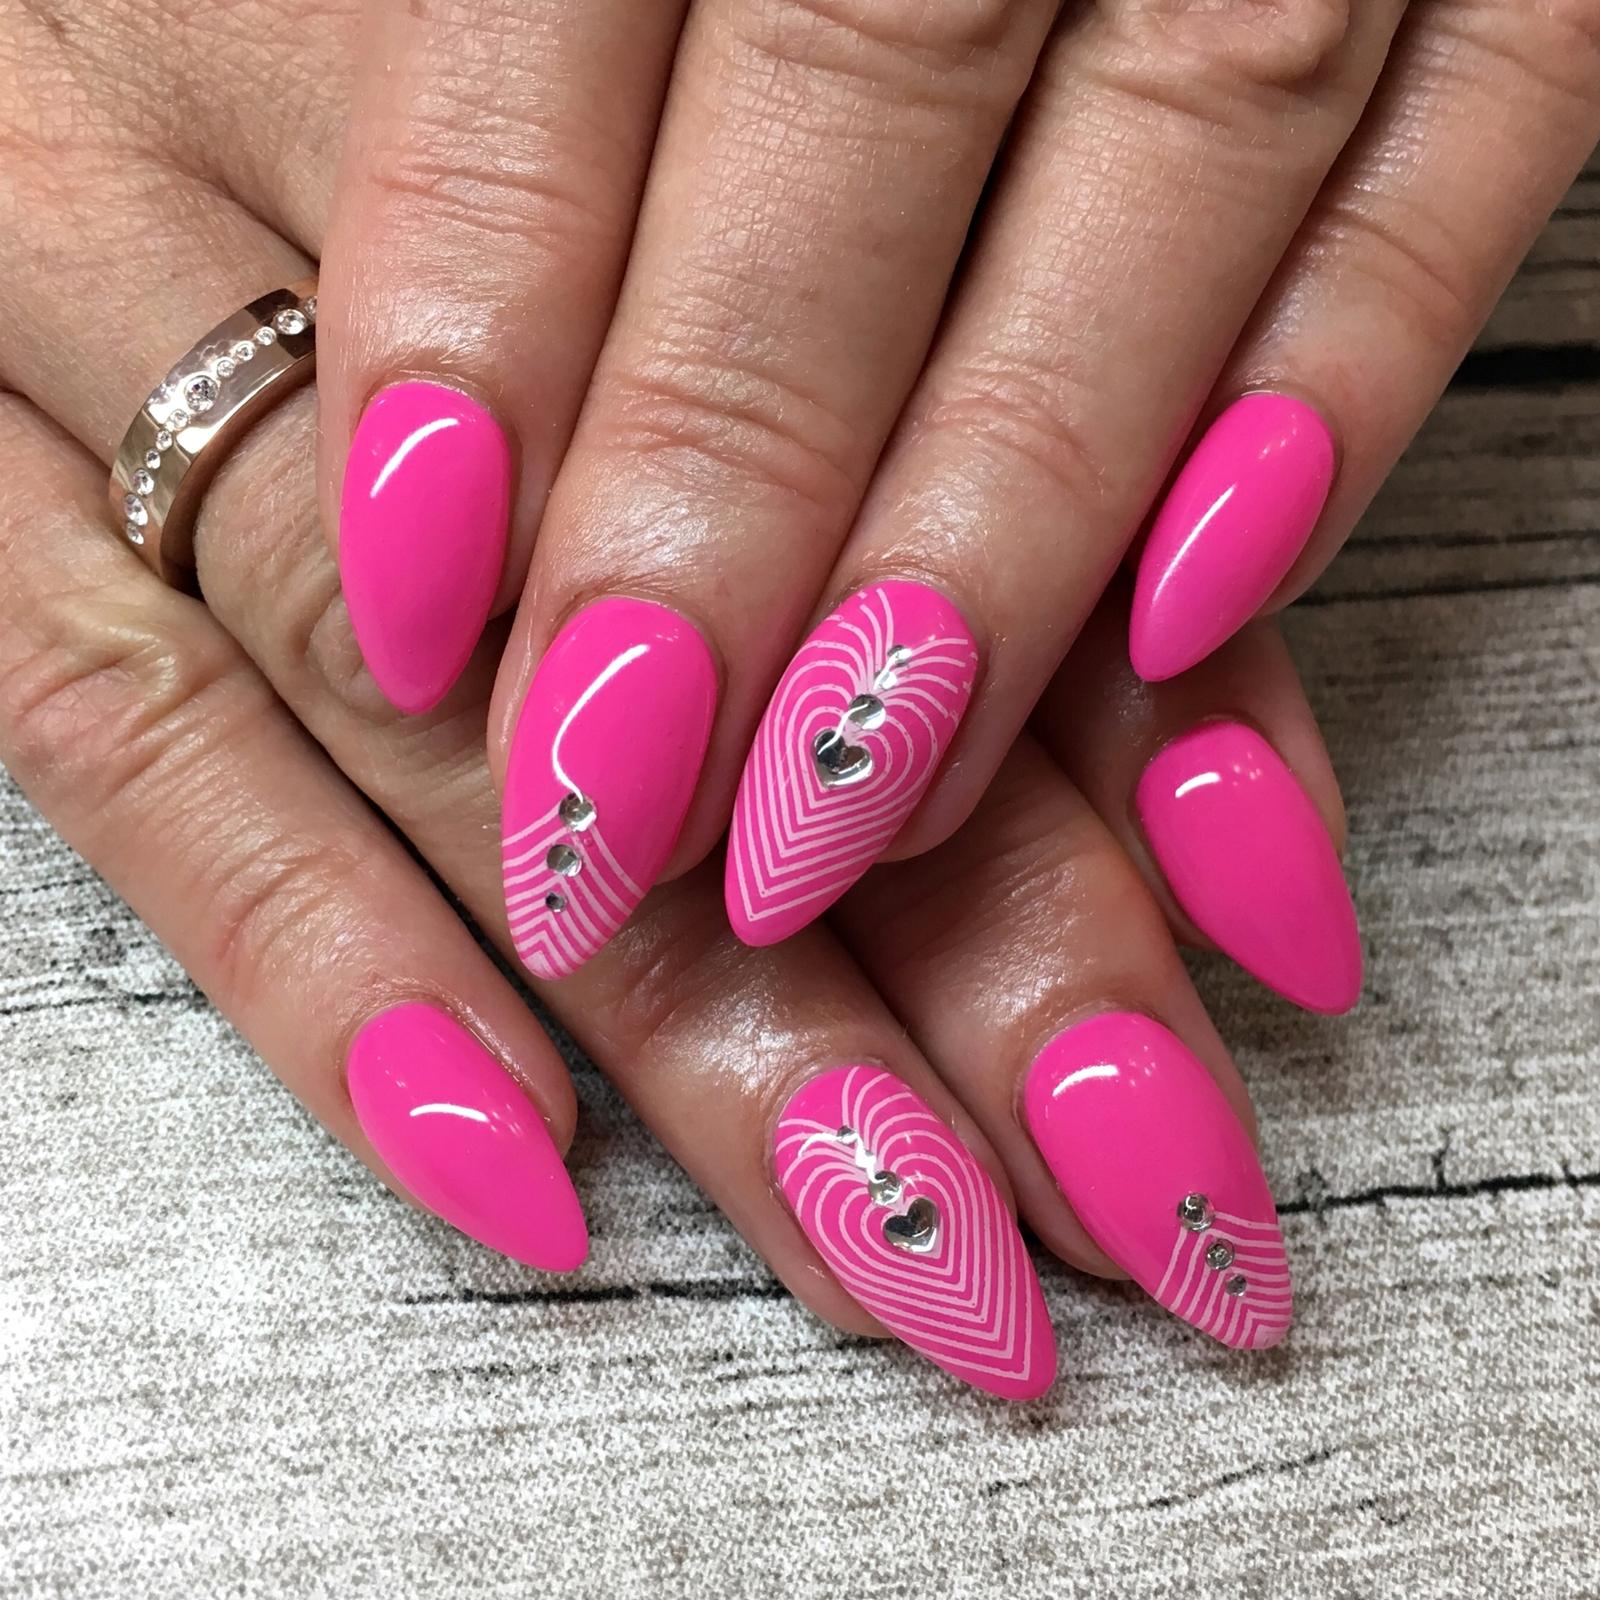 Nail Art Inspiration Spring Summer - Nageldesign für den Sommer - Nageldesign mit neon Pink und Stamping und Strass - Nägel auffällig gestalten - Fashionladyloves by Tamara Wagner